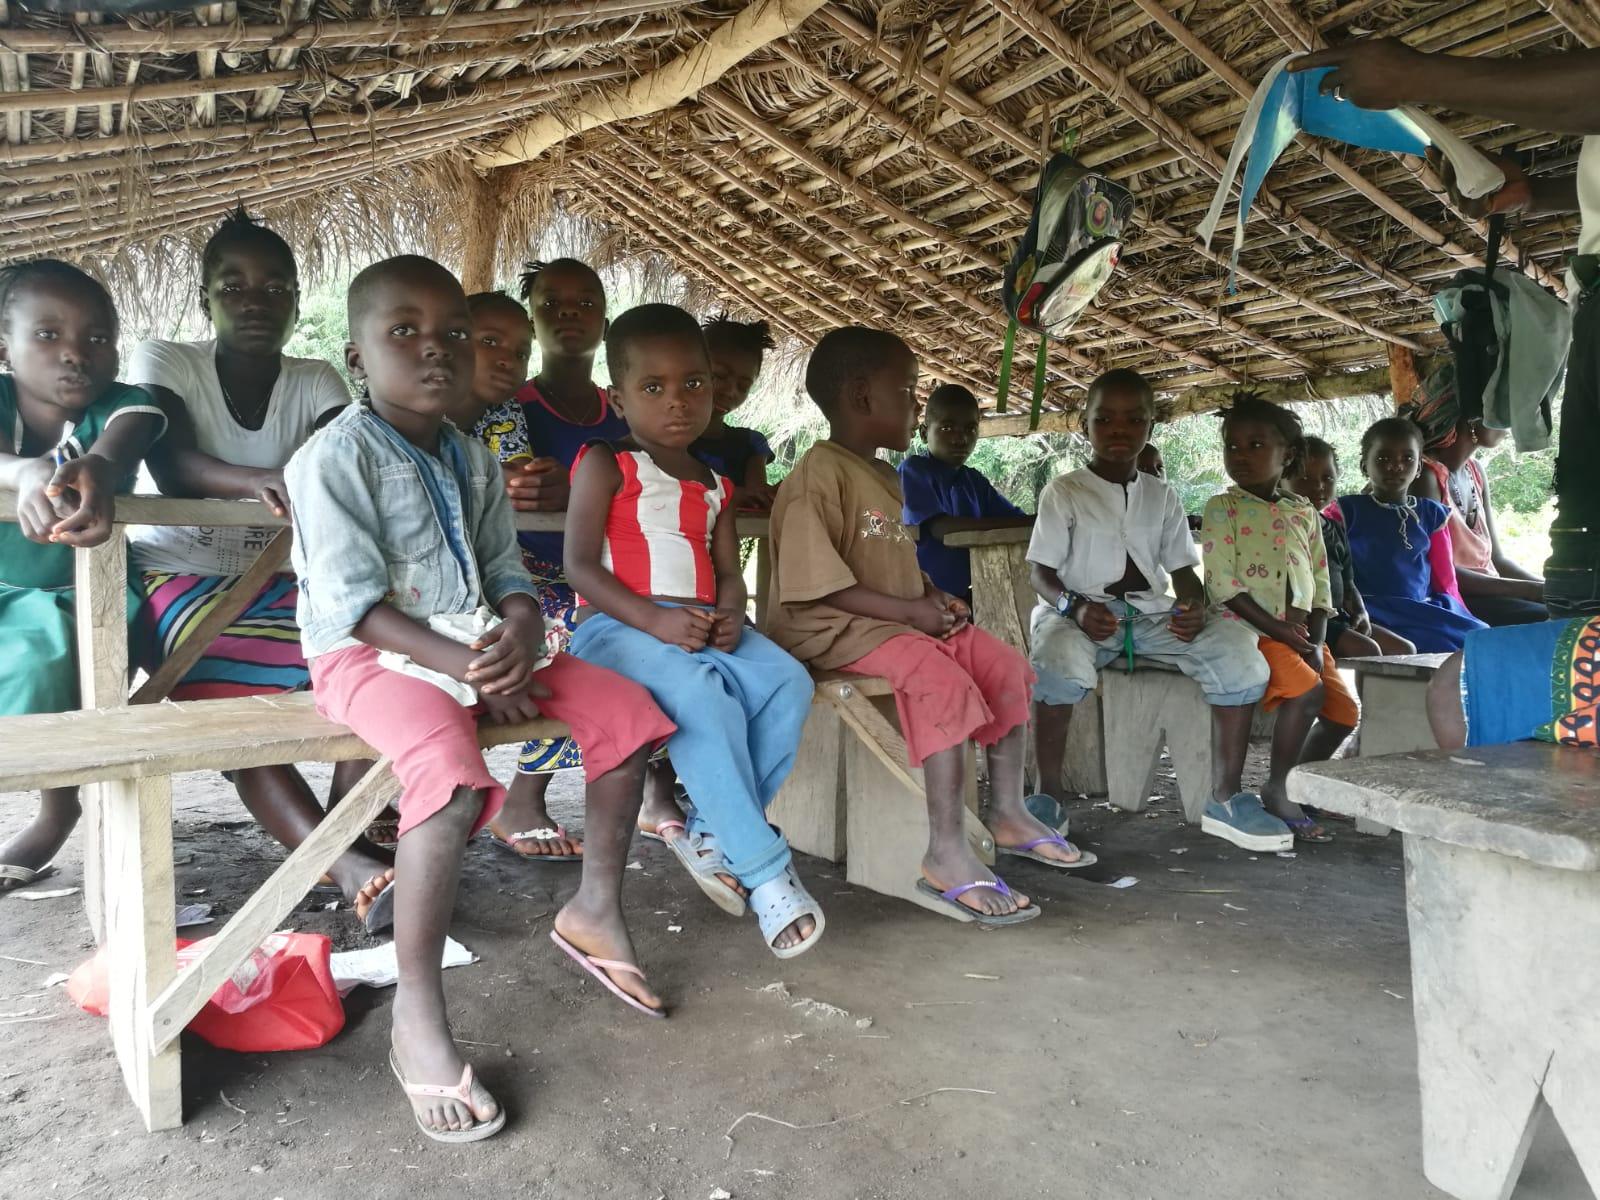 Falaba village school